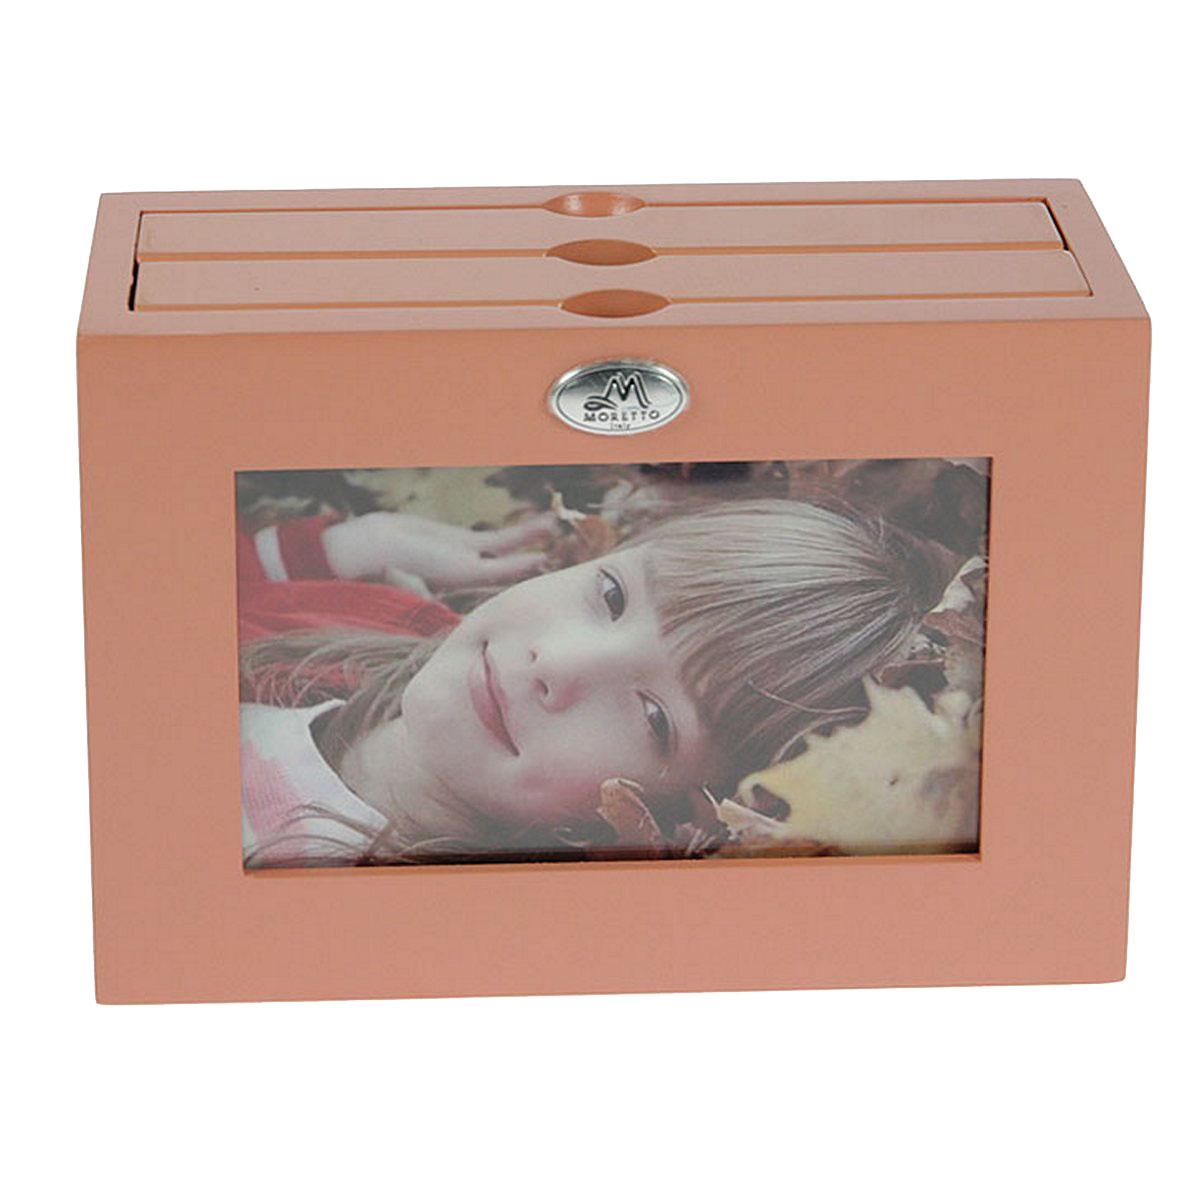 Архивный фотоальбом Moretto, на 48 фото, 10 x 15 см. 13800212723Оригинальный архивный фотоальбом Moretto, рассчитанный на 48 фотографий, выполнен в виде деревянного бокса. Бокс содержит 2 альбома, каждый из которых рассчитан на 24 фотографии форматом 10 х 15 см, а также имеет отверстие для центральной фотографии.Такой архивный альбом станет достойным украшением вашего интерьера и будет уникальным подарком вашим друзьям.